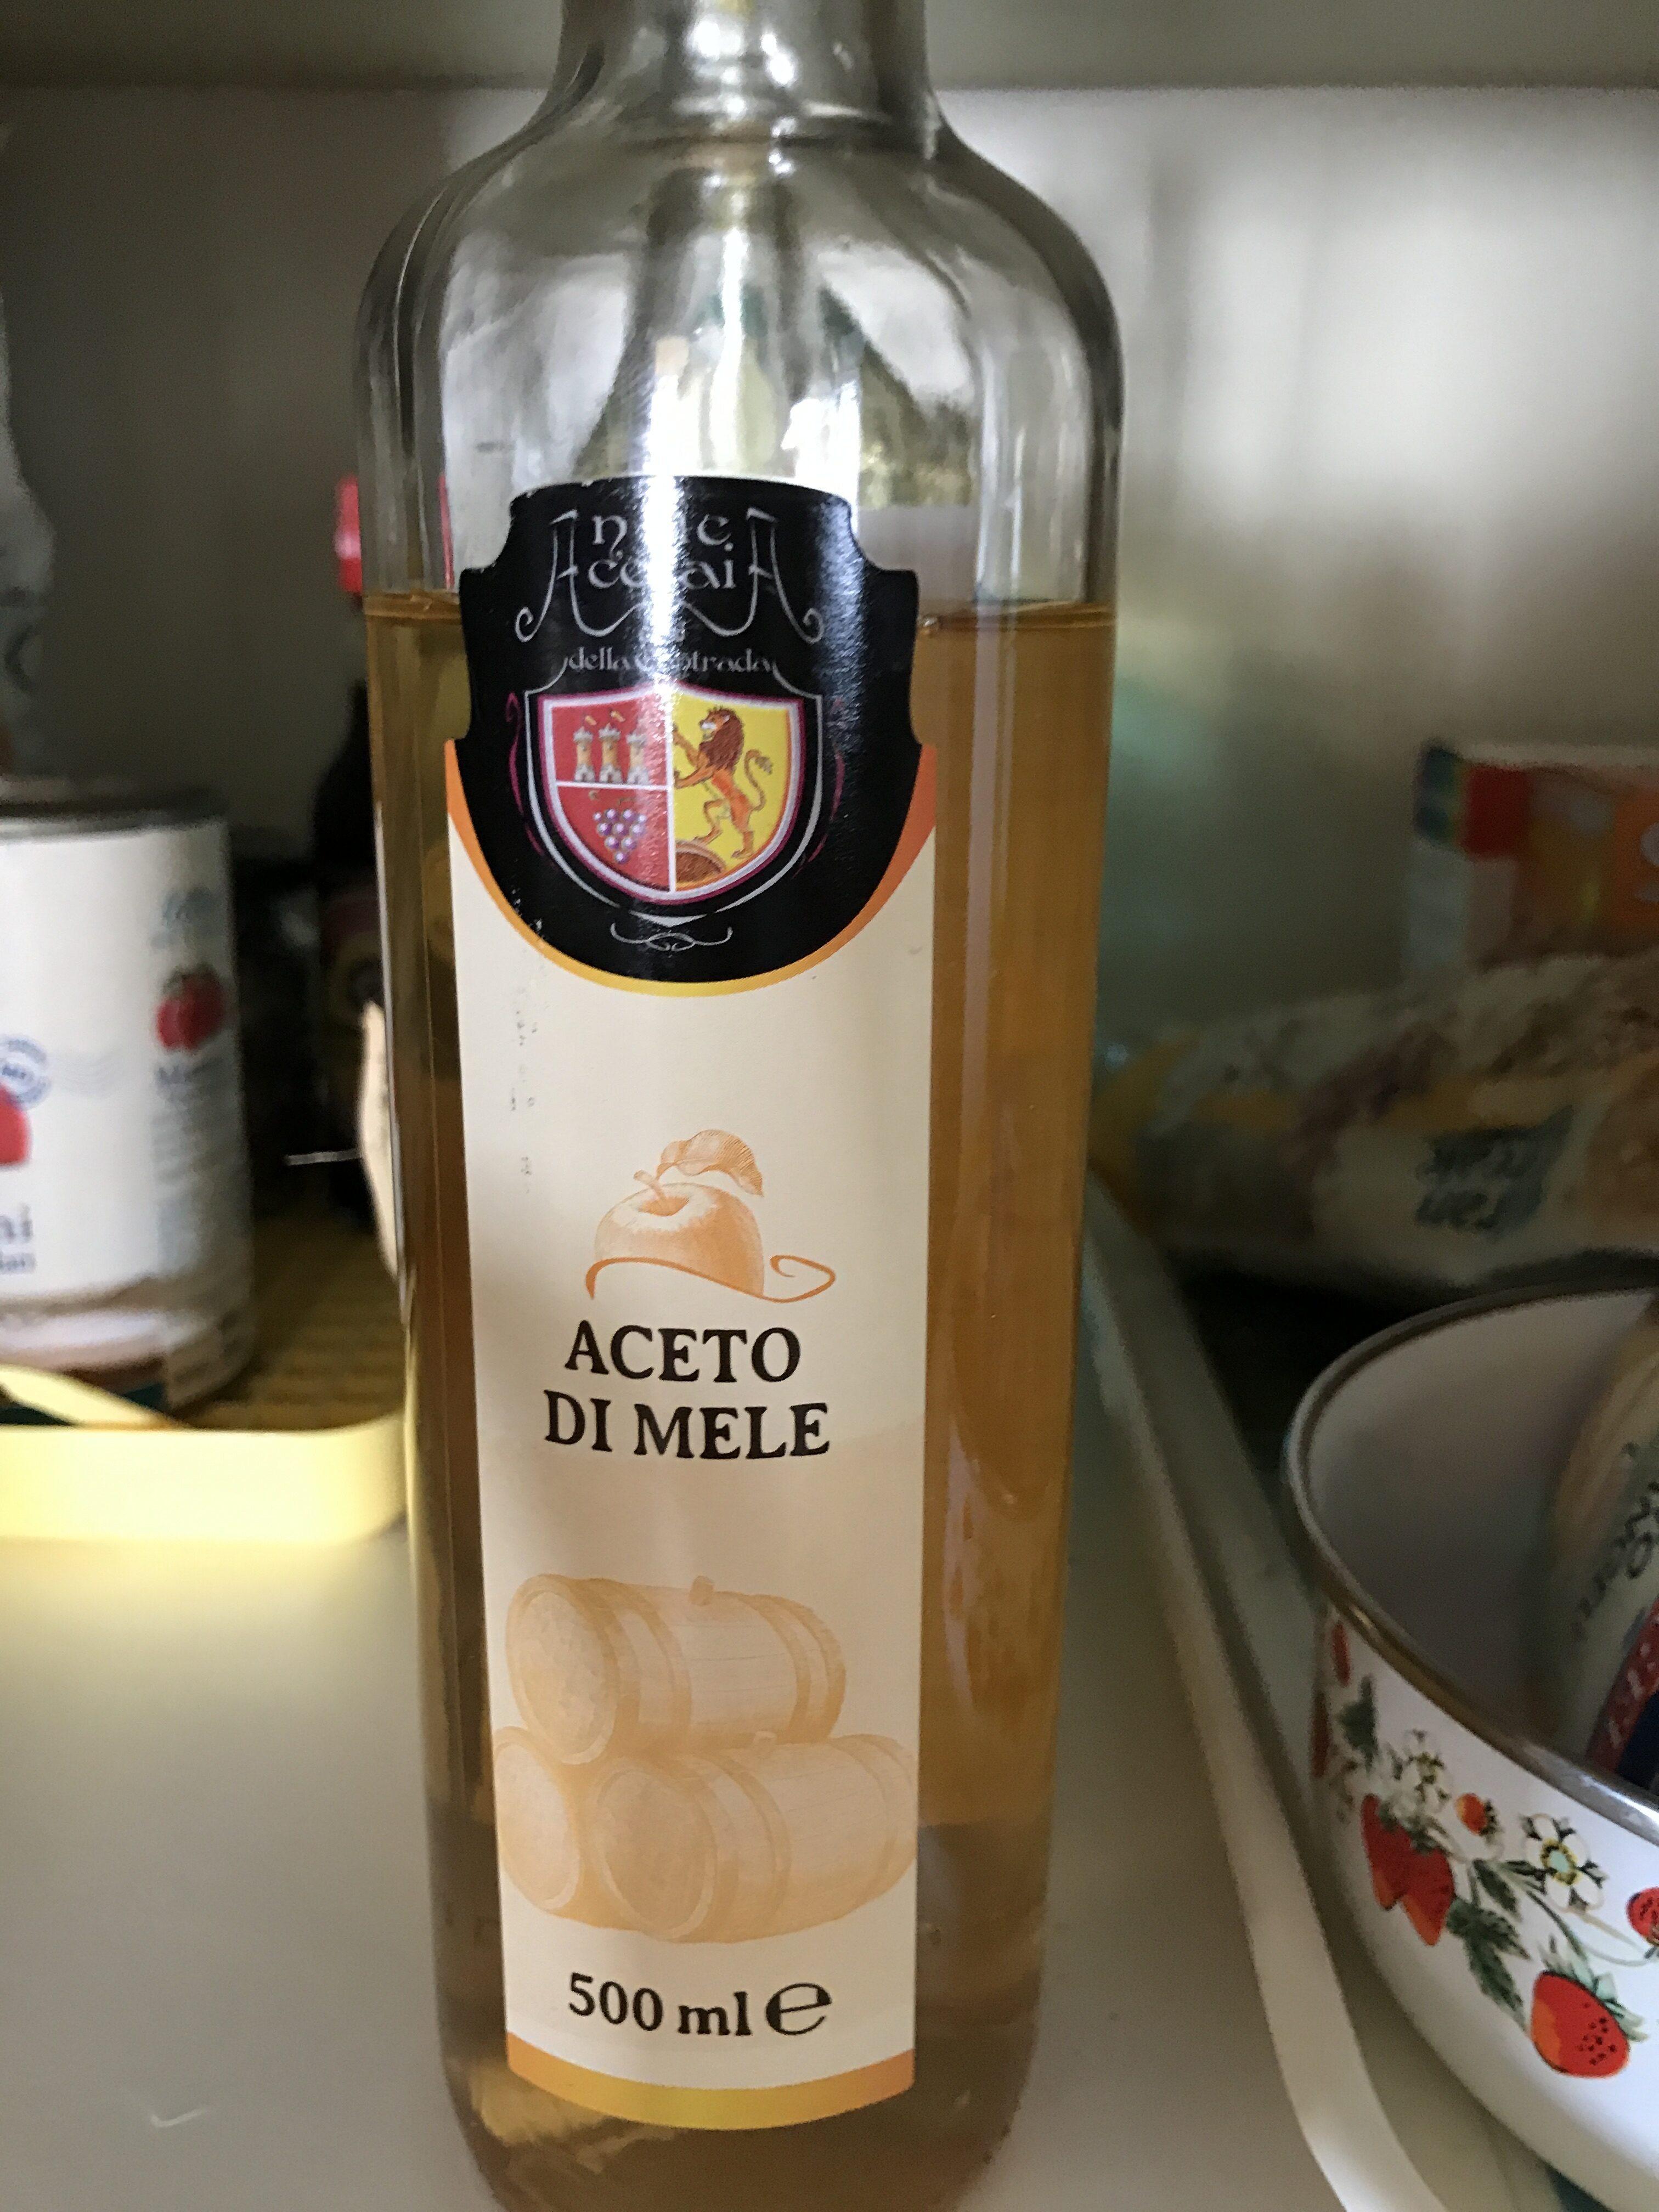 Apfelesdig - Vinaigre de pommes - Aceto di mele - Product - fr